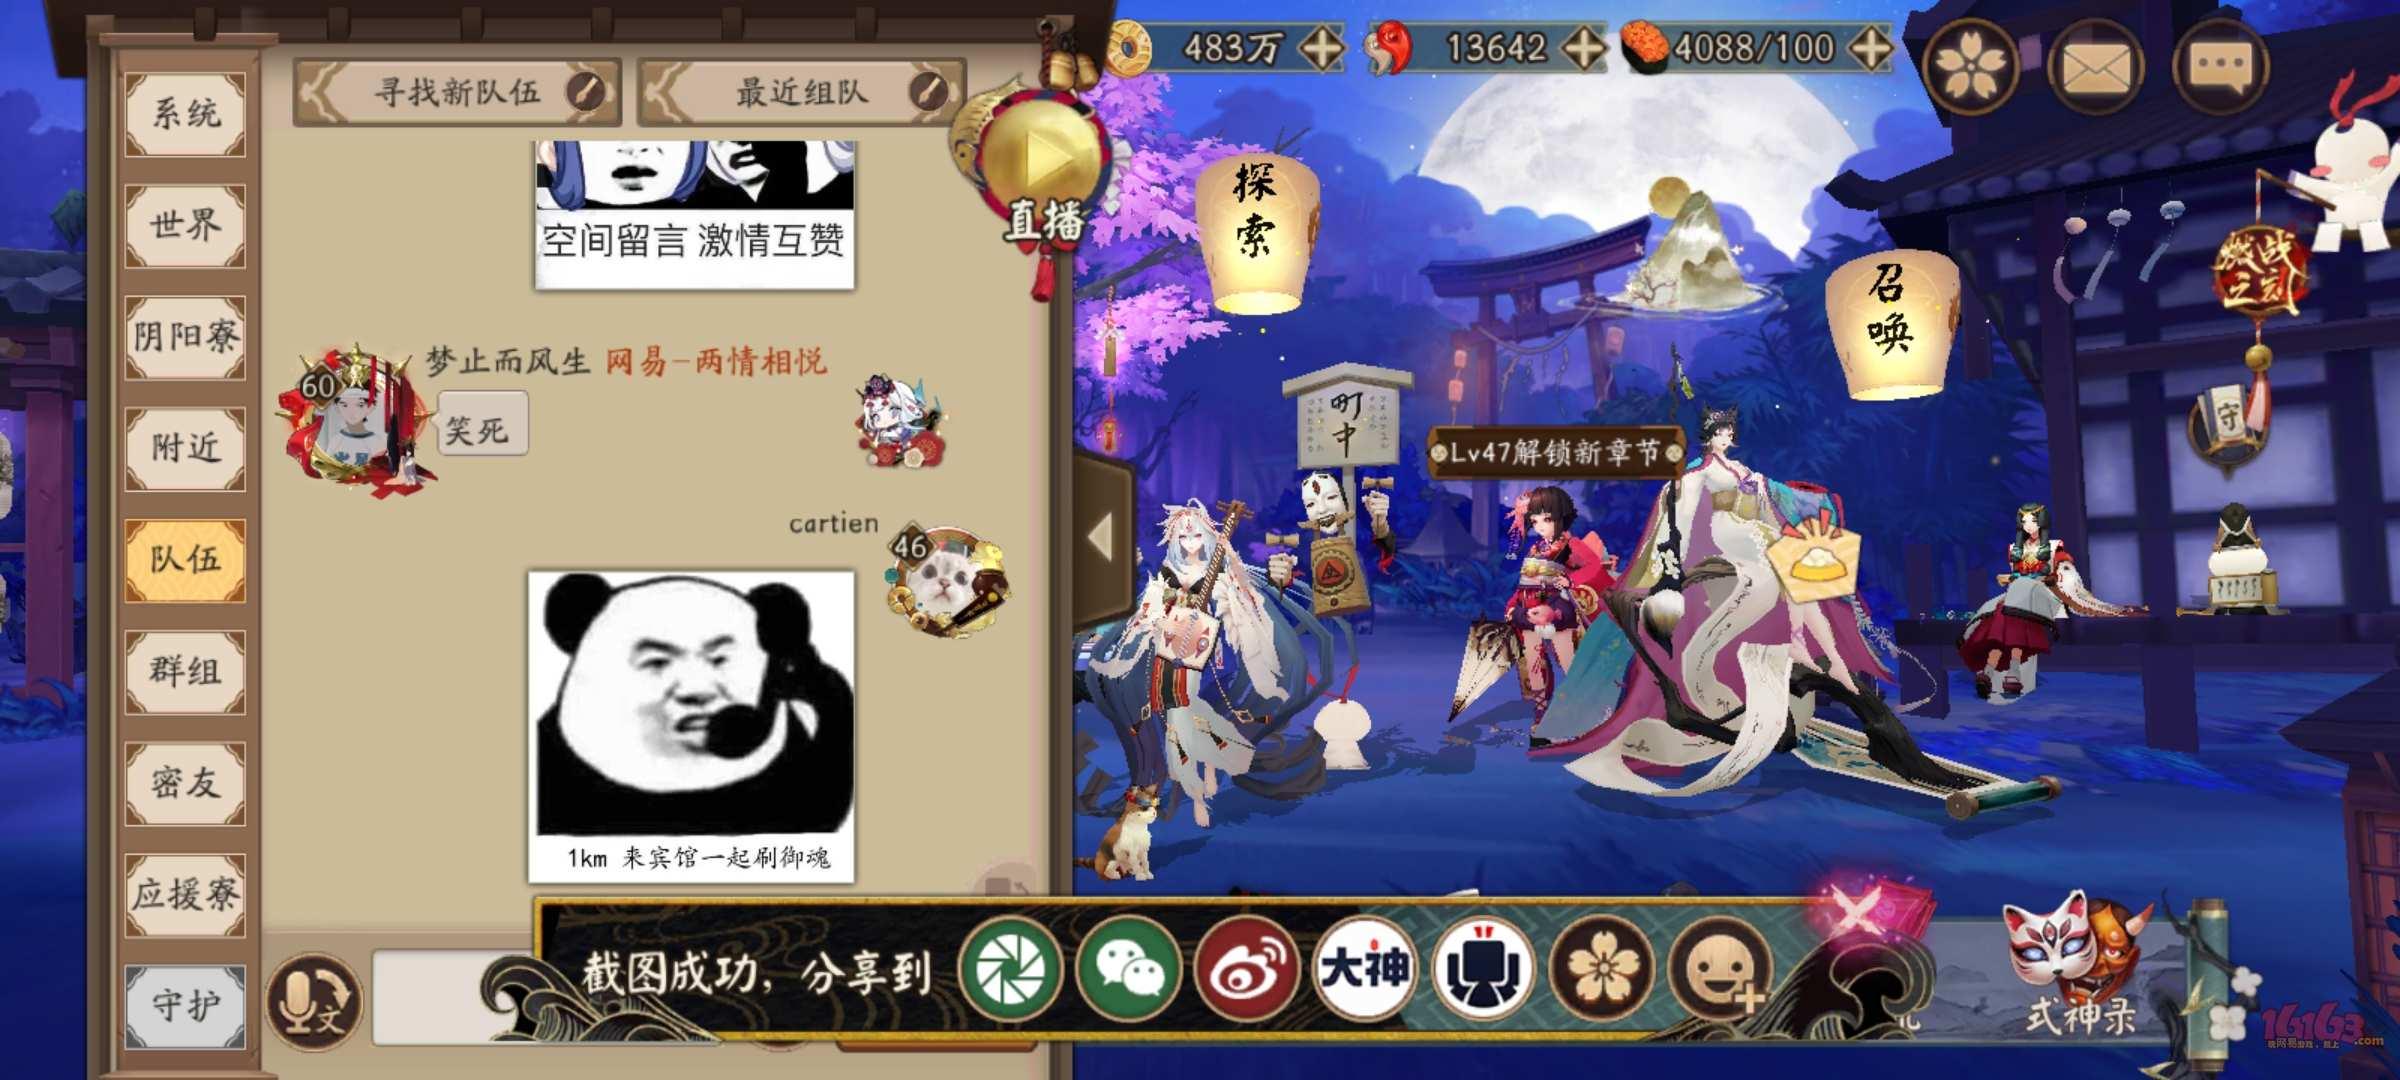 Screenshot_20210829_172912_com.netease.onmyoji.jpg